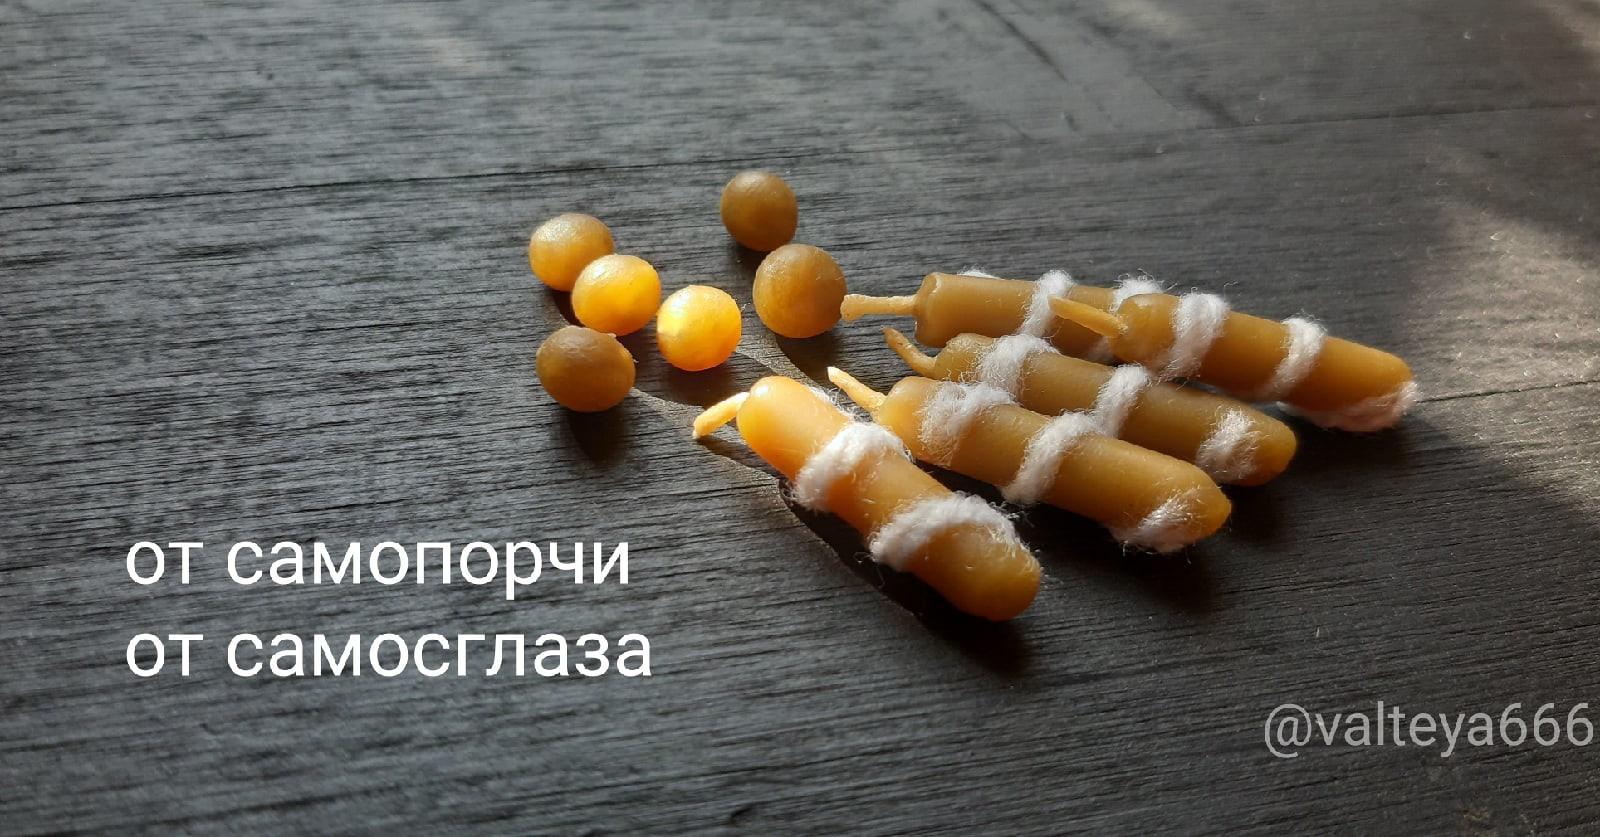 магия - Программные свечи от Елены Руденко. - Страница 18 SqPCwvGu1ew